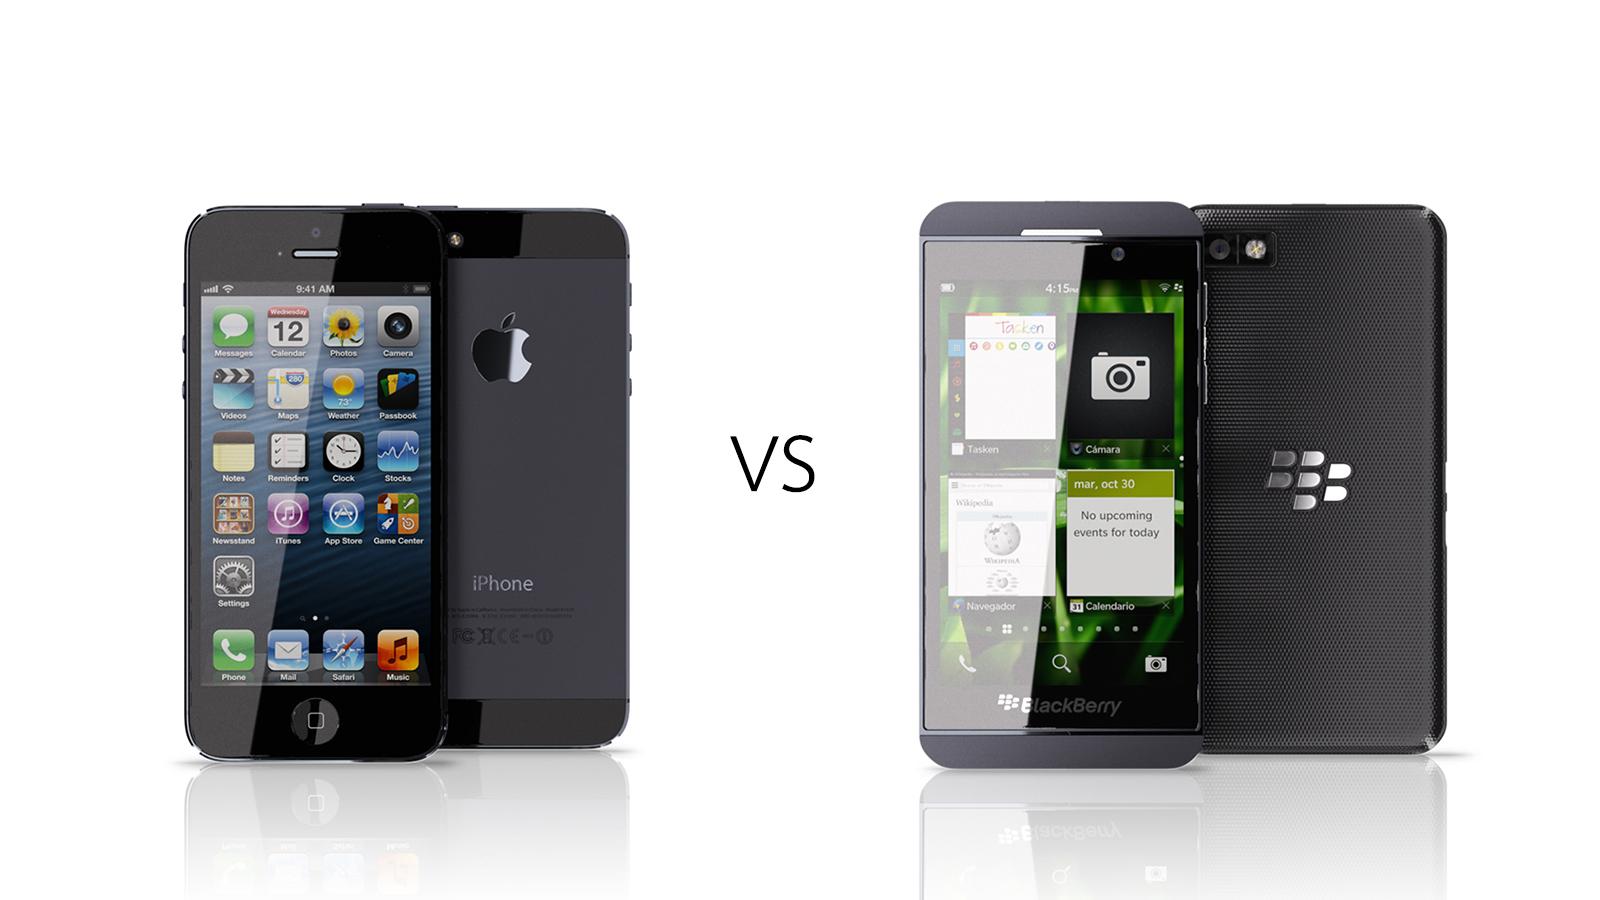 BlackBerry Z10 VS iPhone